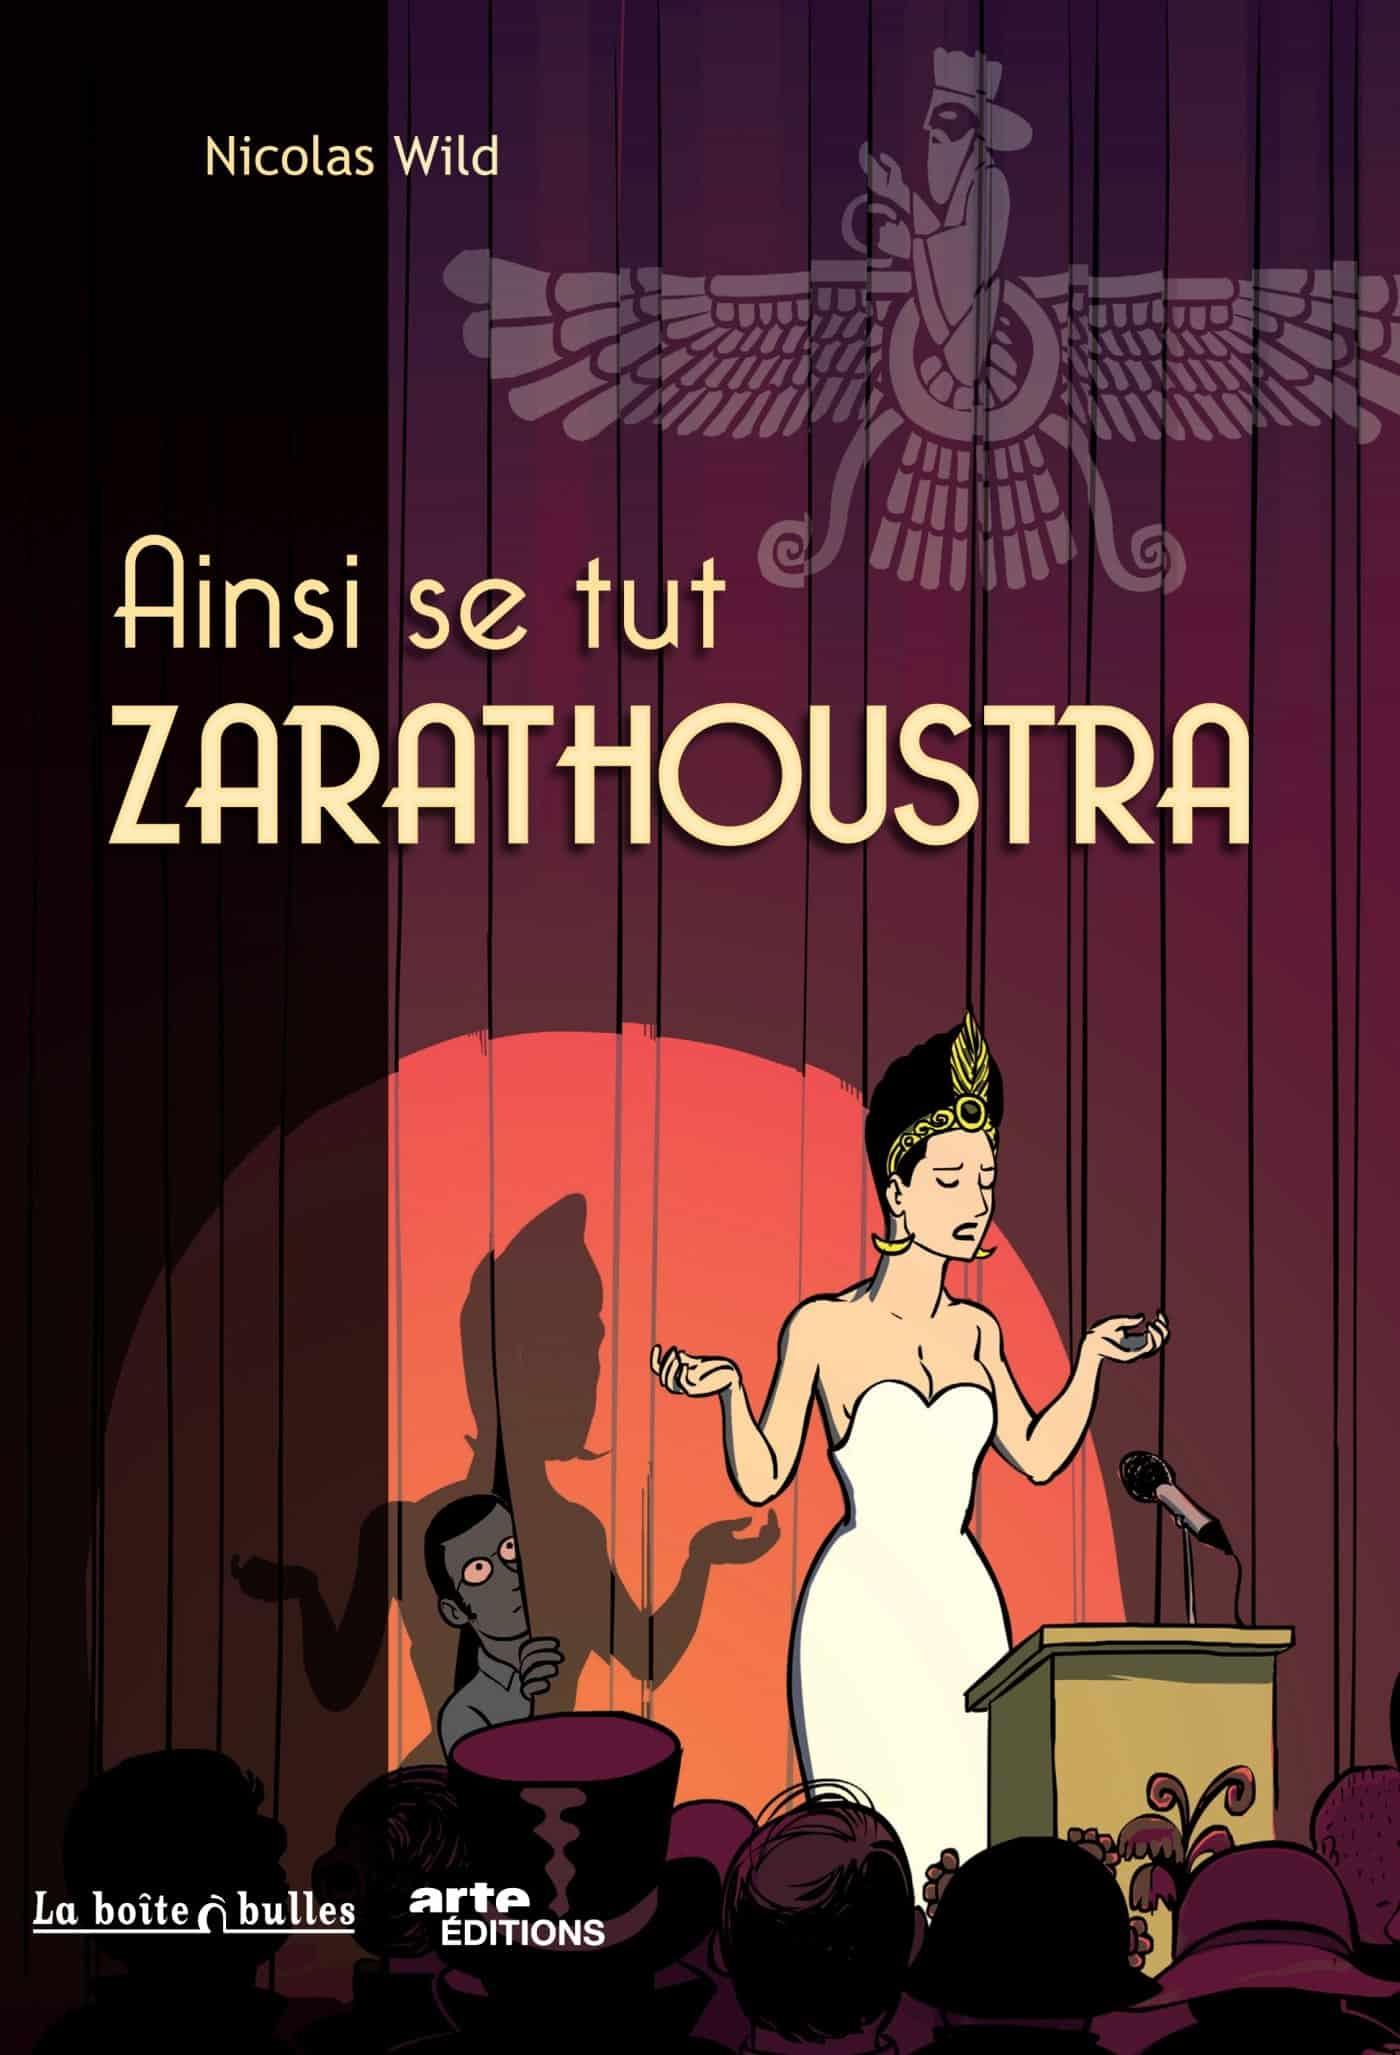 Ainsi se tut Zarathoustra primé par France Info